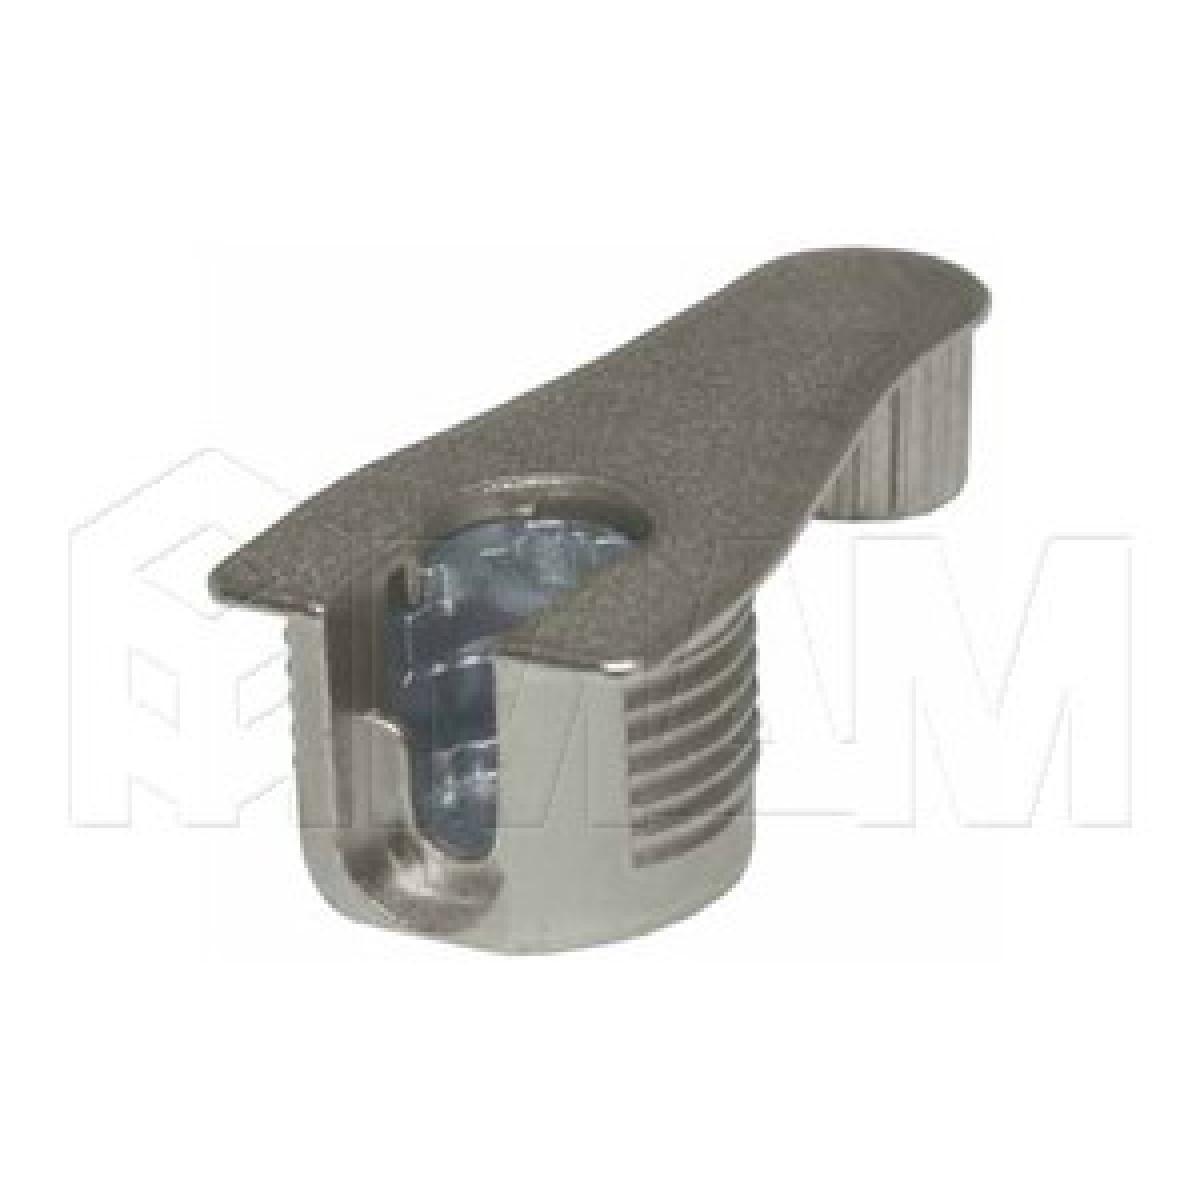 Эксцентрик усиленный в металлическом корпусе с дополнительной футоркой 16 мм с бортиком, никель